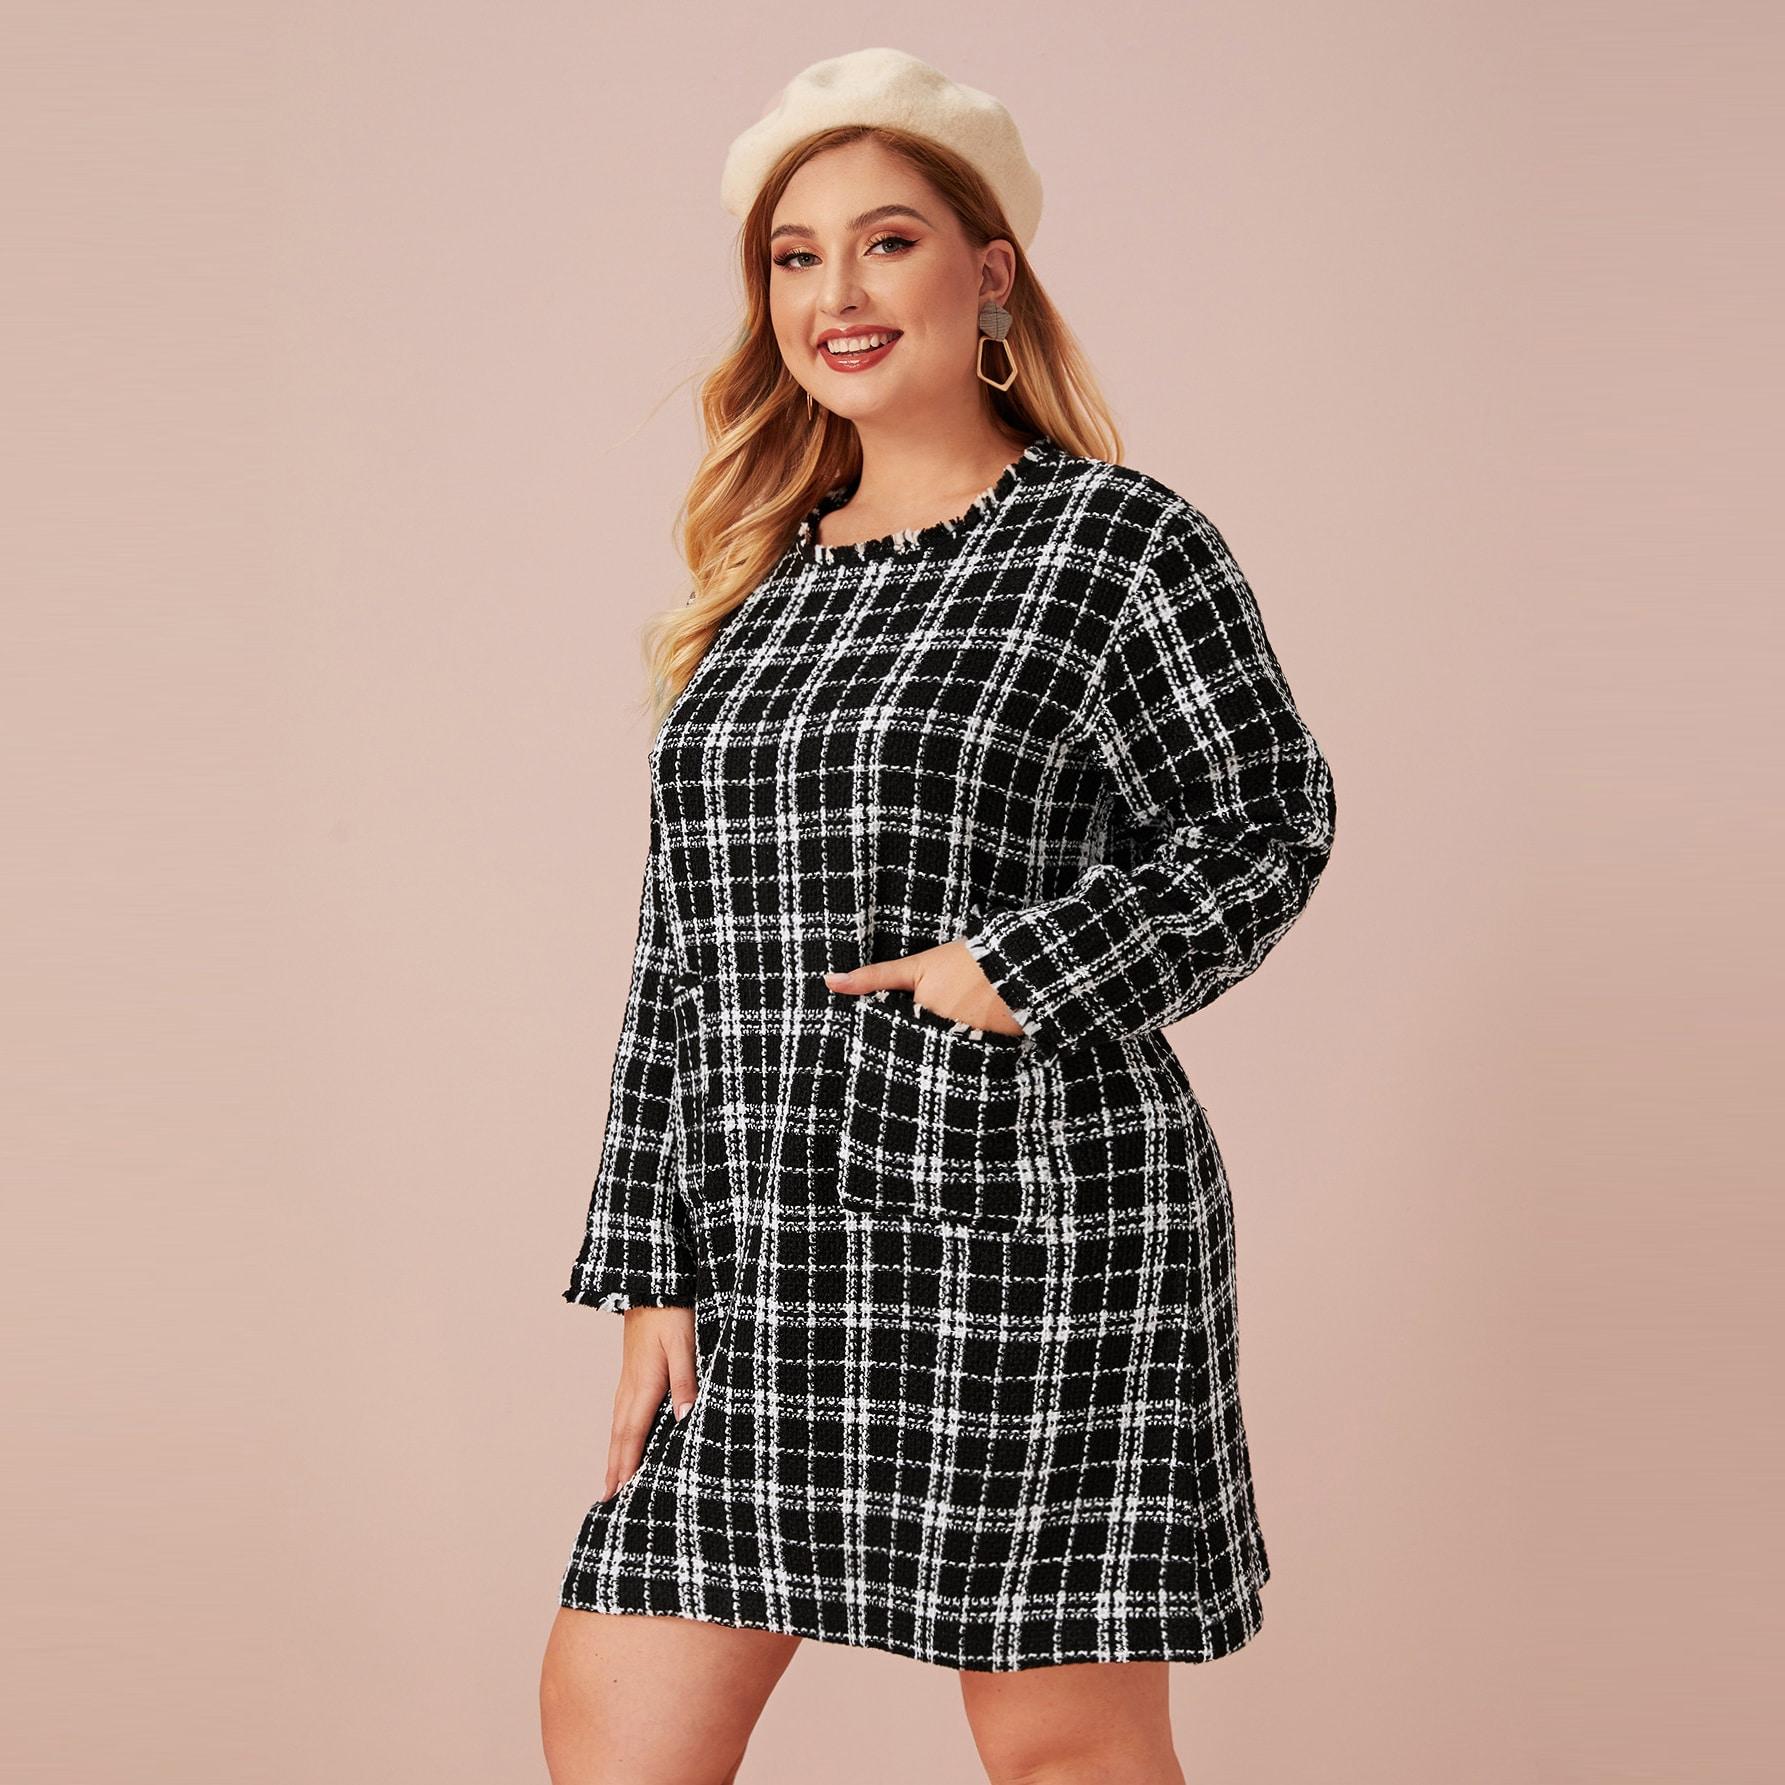 Kleid in Übergröße mit ausgefranstem Saum und Karo Muster